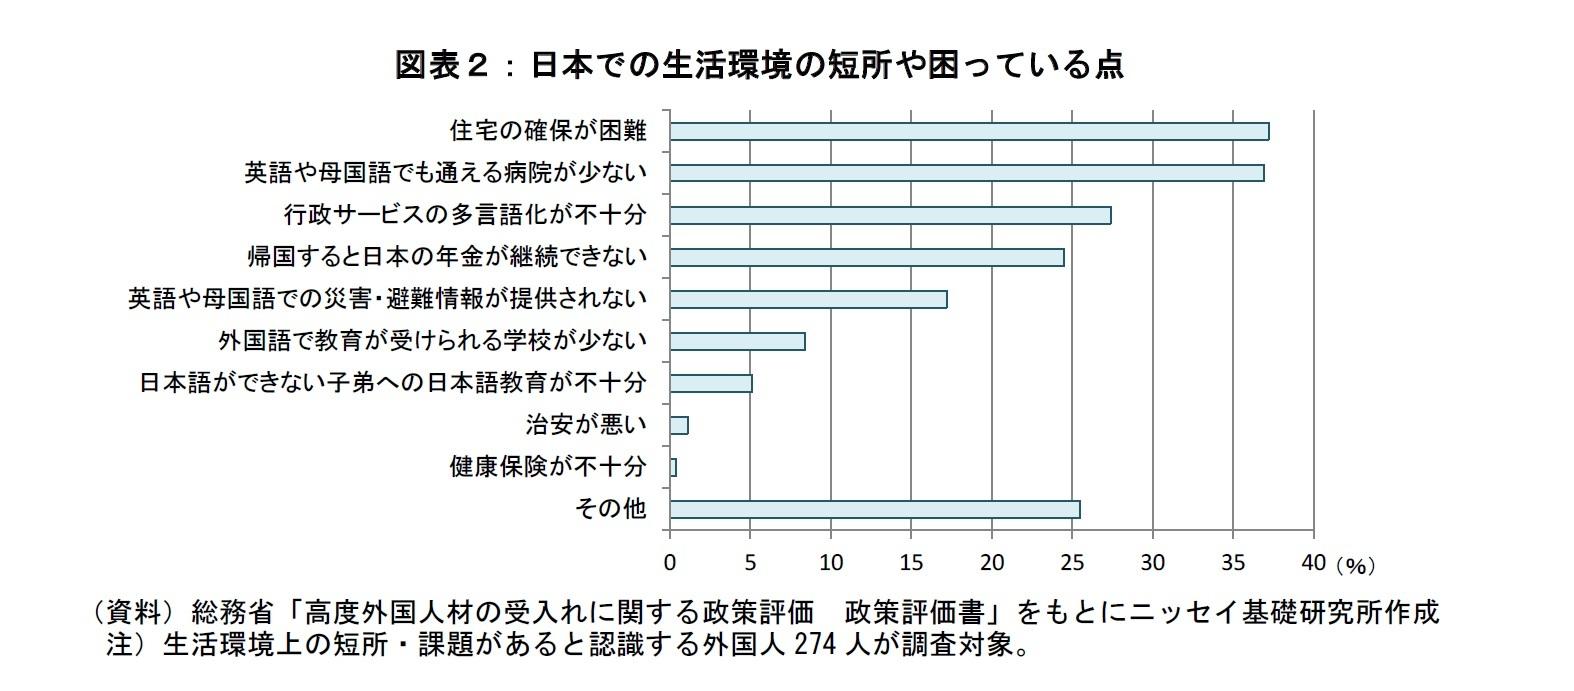 図表2:日本での生活環境の短所や困っている点